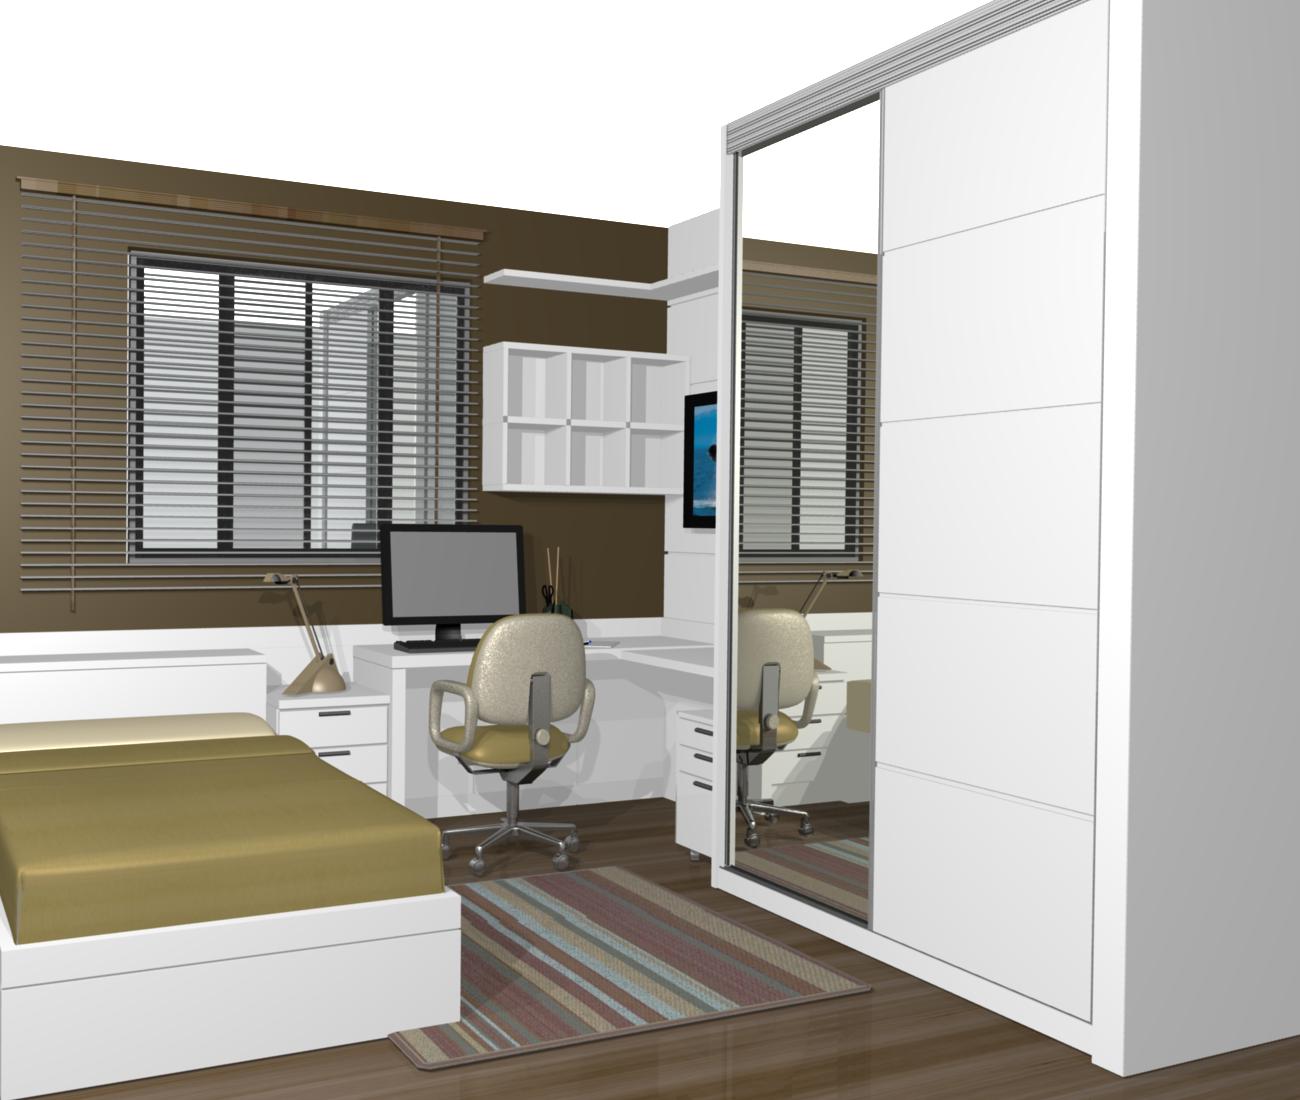 #206688 É a arte de planejar e arranjar ambientes de acordo com padrões de  1300x1100 px Projeto De Armario Embutido Para Cozinha_4459 Imagens